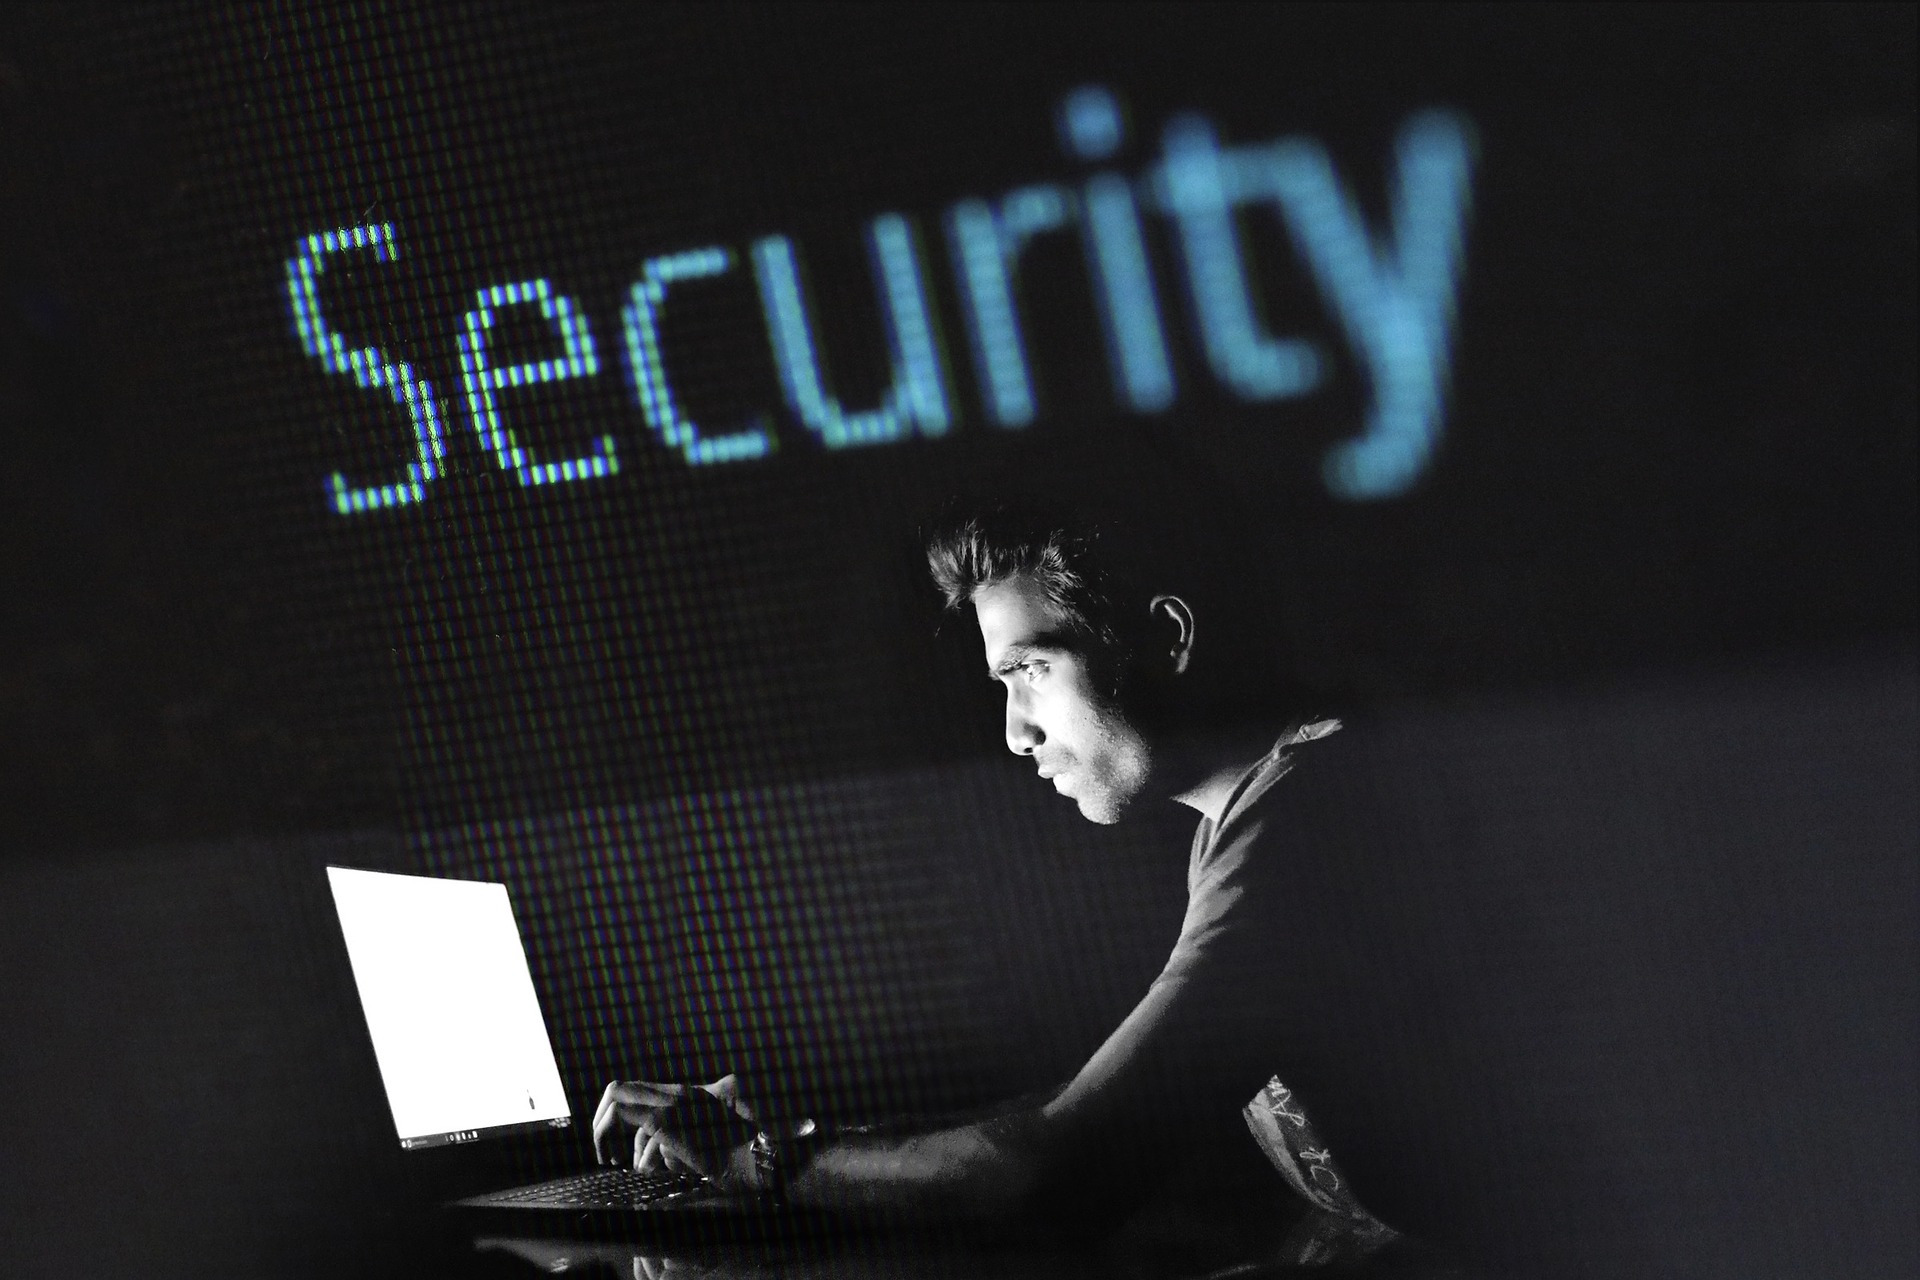 hacking-2964100_1920.jpg